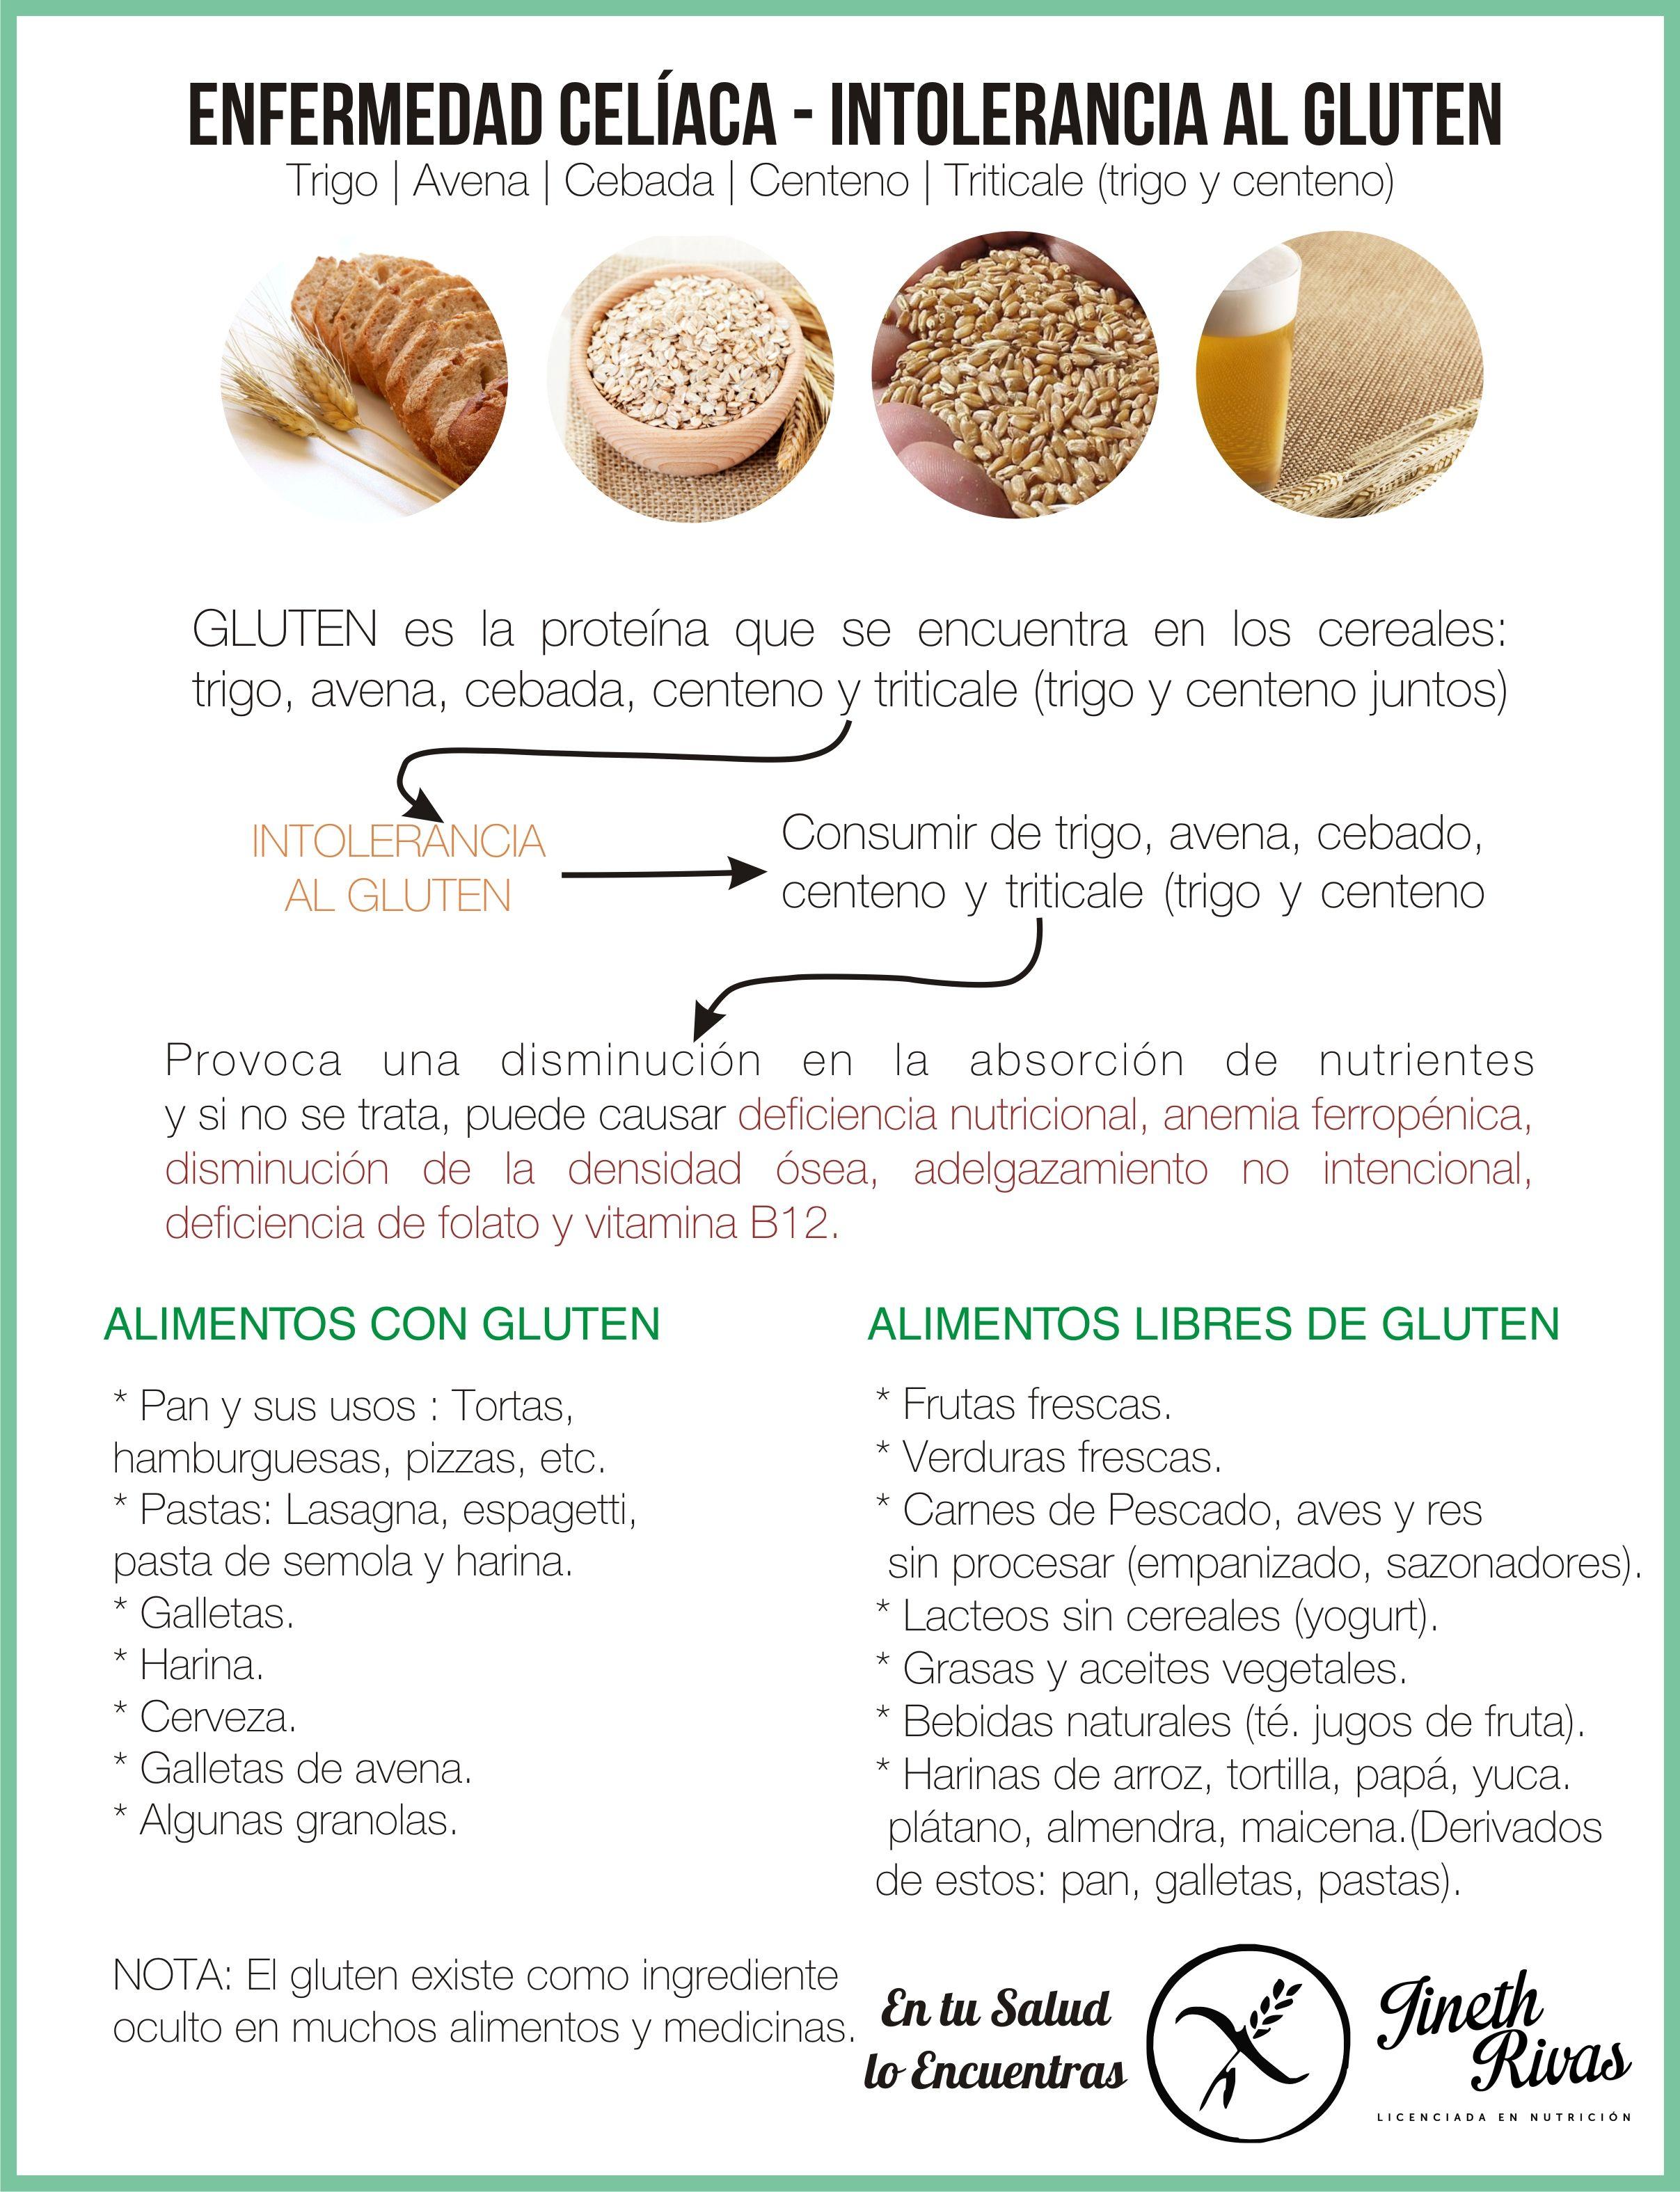 Que es la intolerancia al gluten recomendaciones de alimentos restringidos y libres de gluten - Alimentos ricos en gluten ...